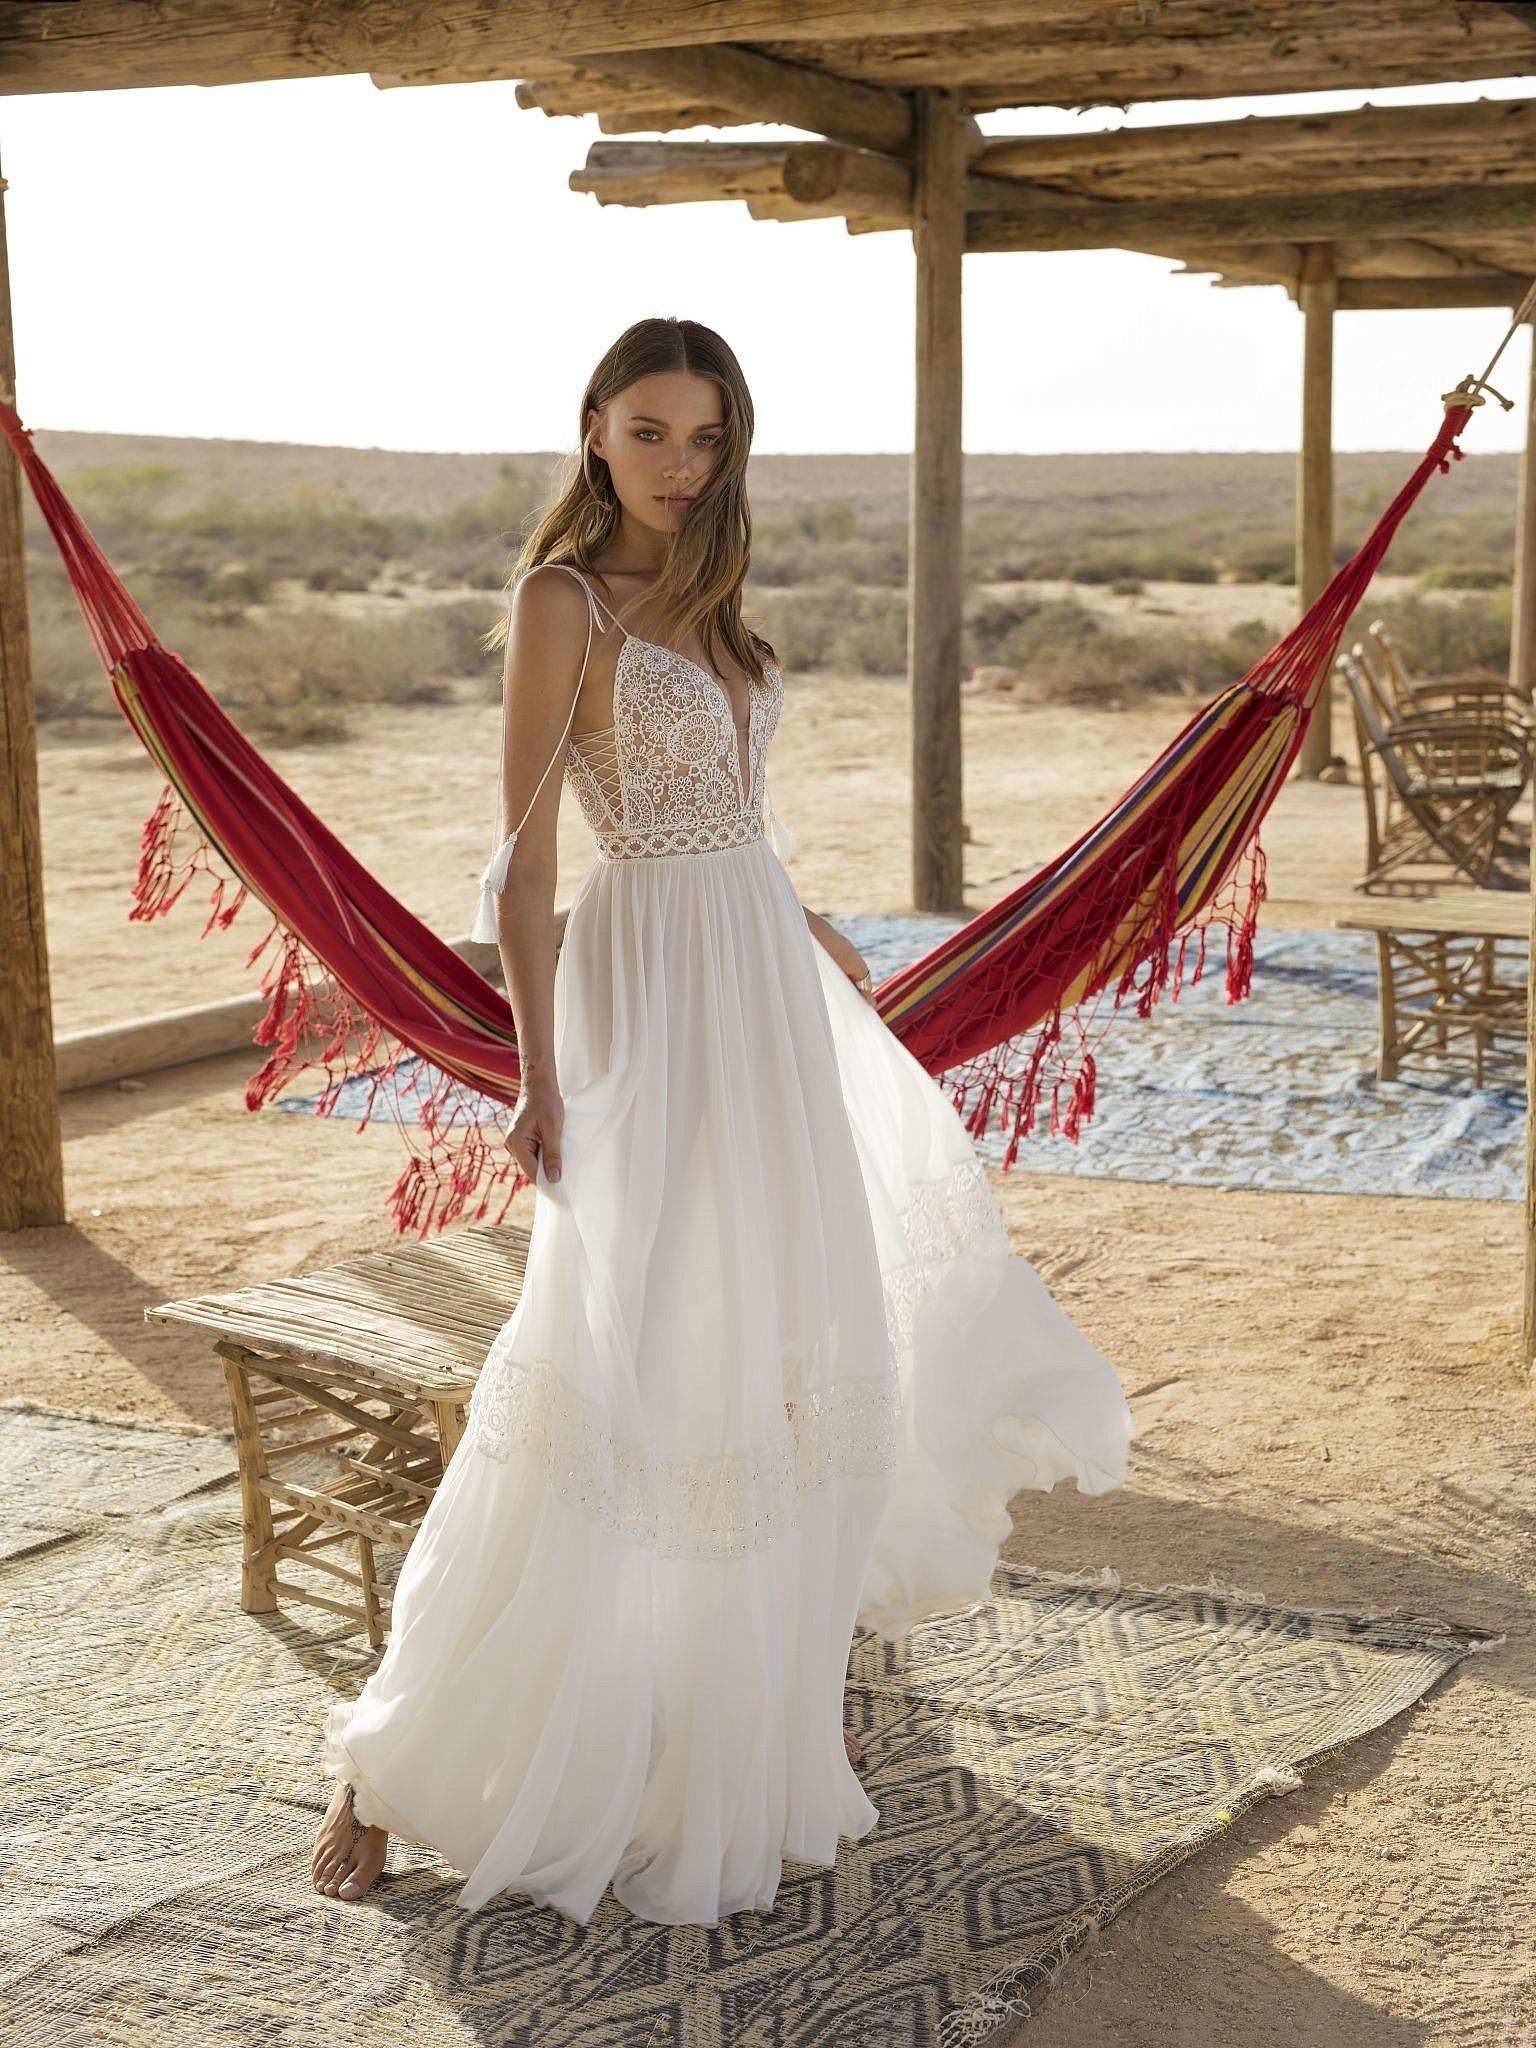 עונת החתונות בפתח, אתן מוכנות? צילום: אלכס ליפקין